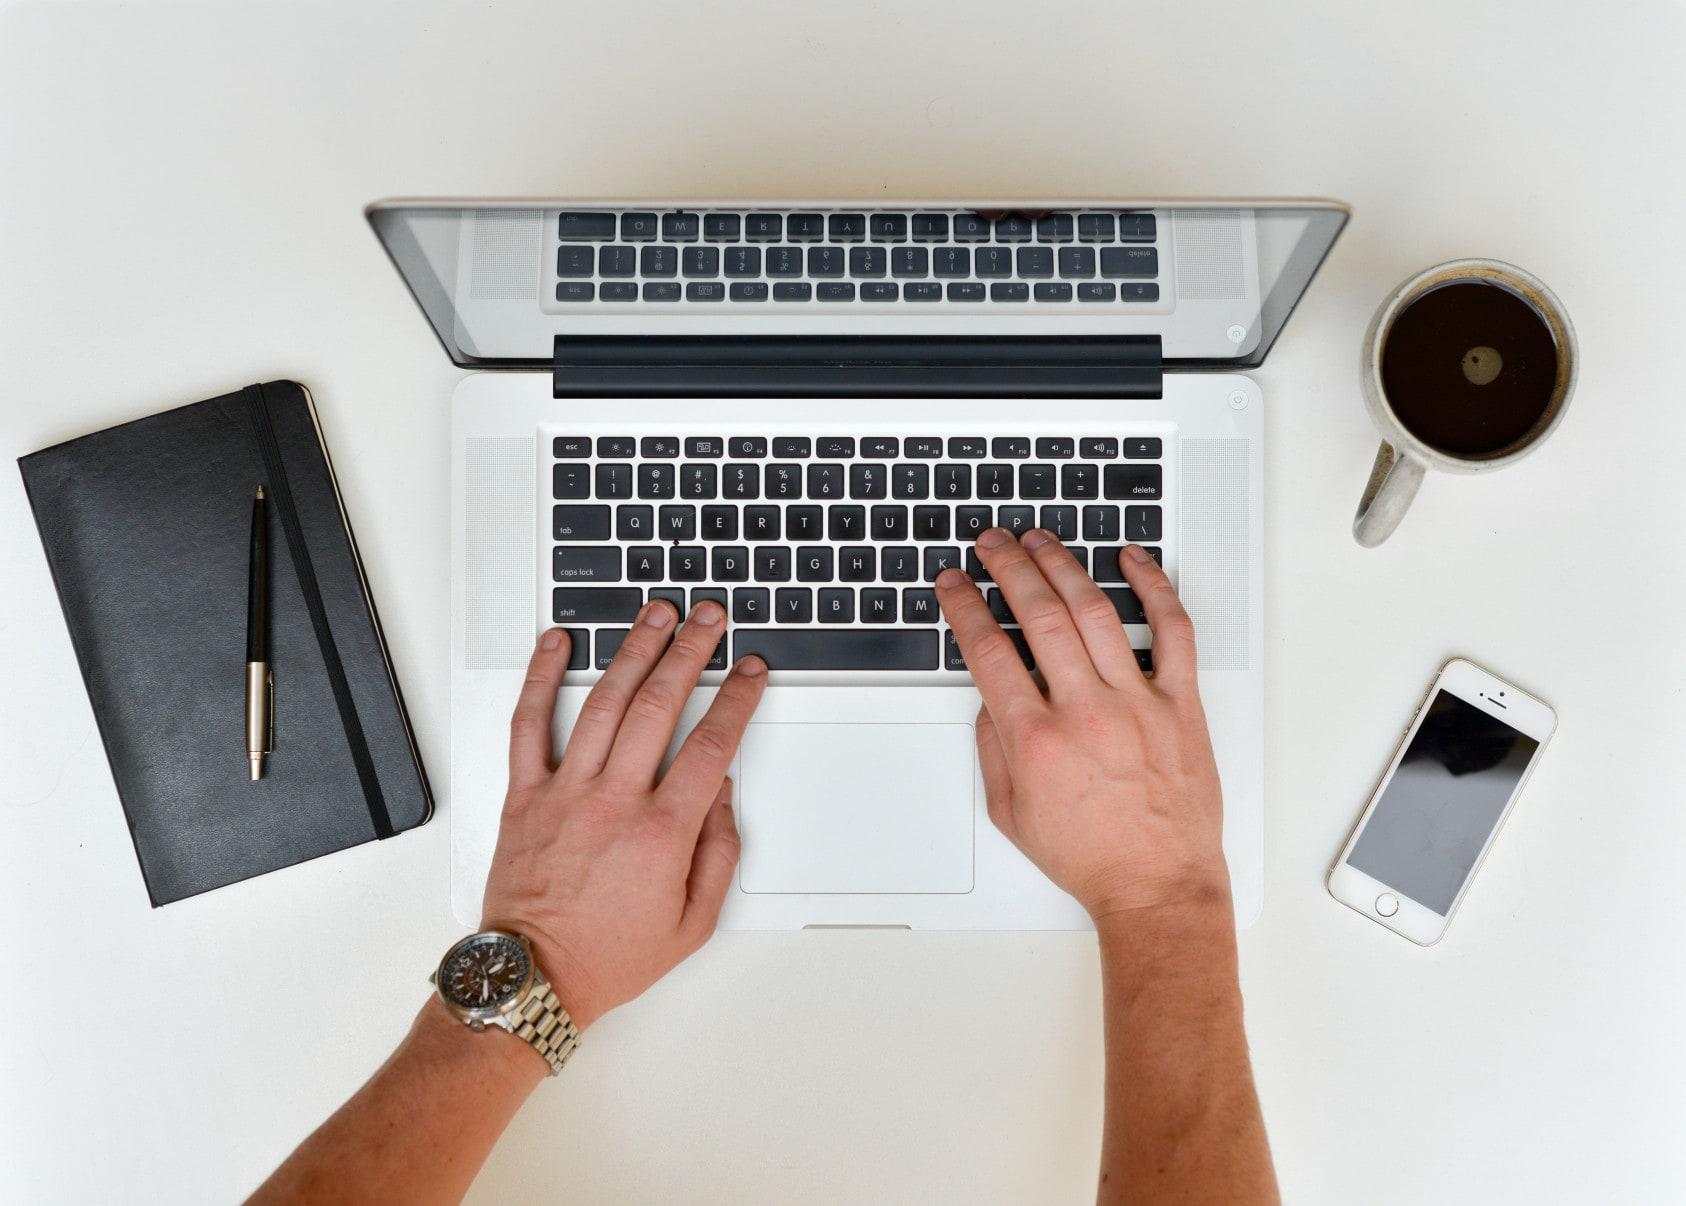 ABD'de iş hayatındaki iletişim ve e-posta kültürü